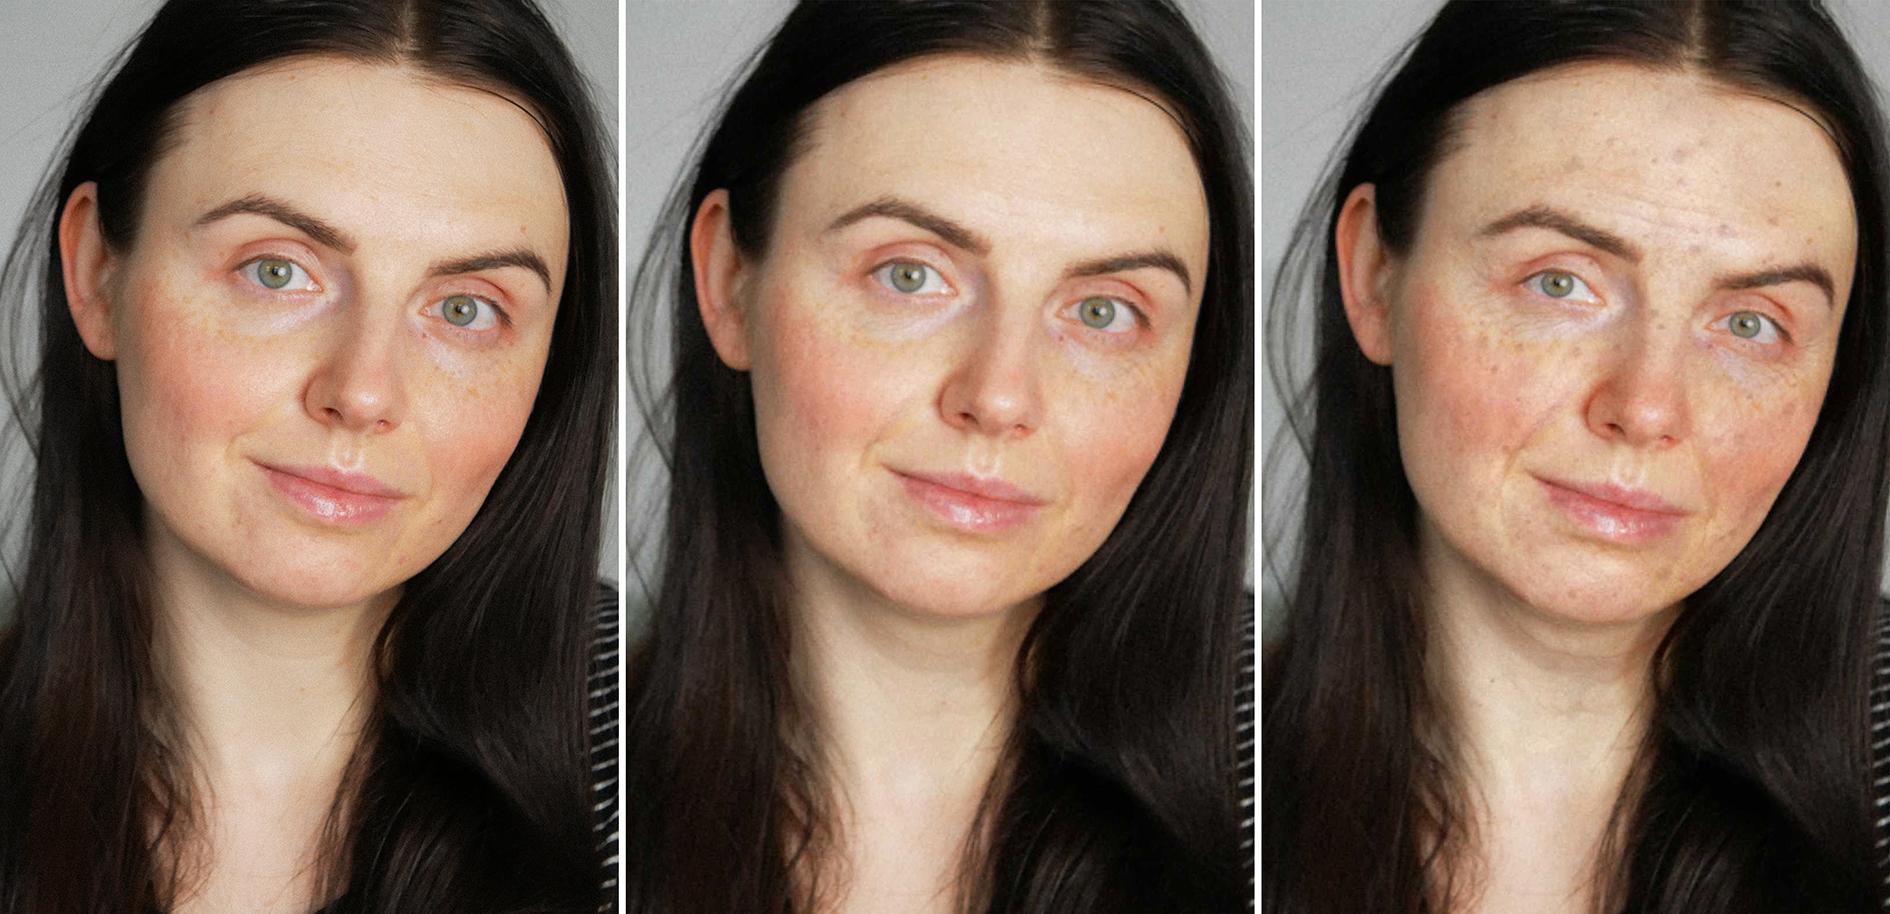 Hautlaterung Bild, erste Bild aktuell, zweites Bild intrinsische Hautalterung, drittes Bild extrinsische Hautalterung